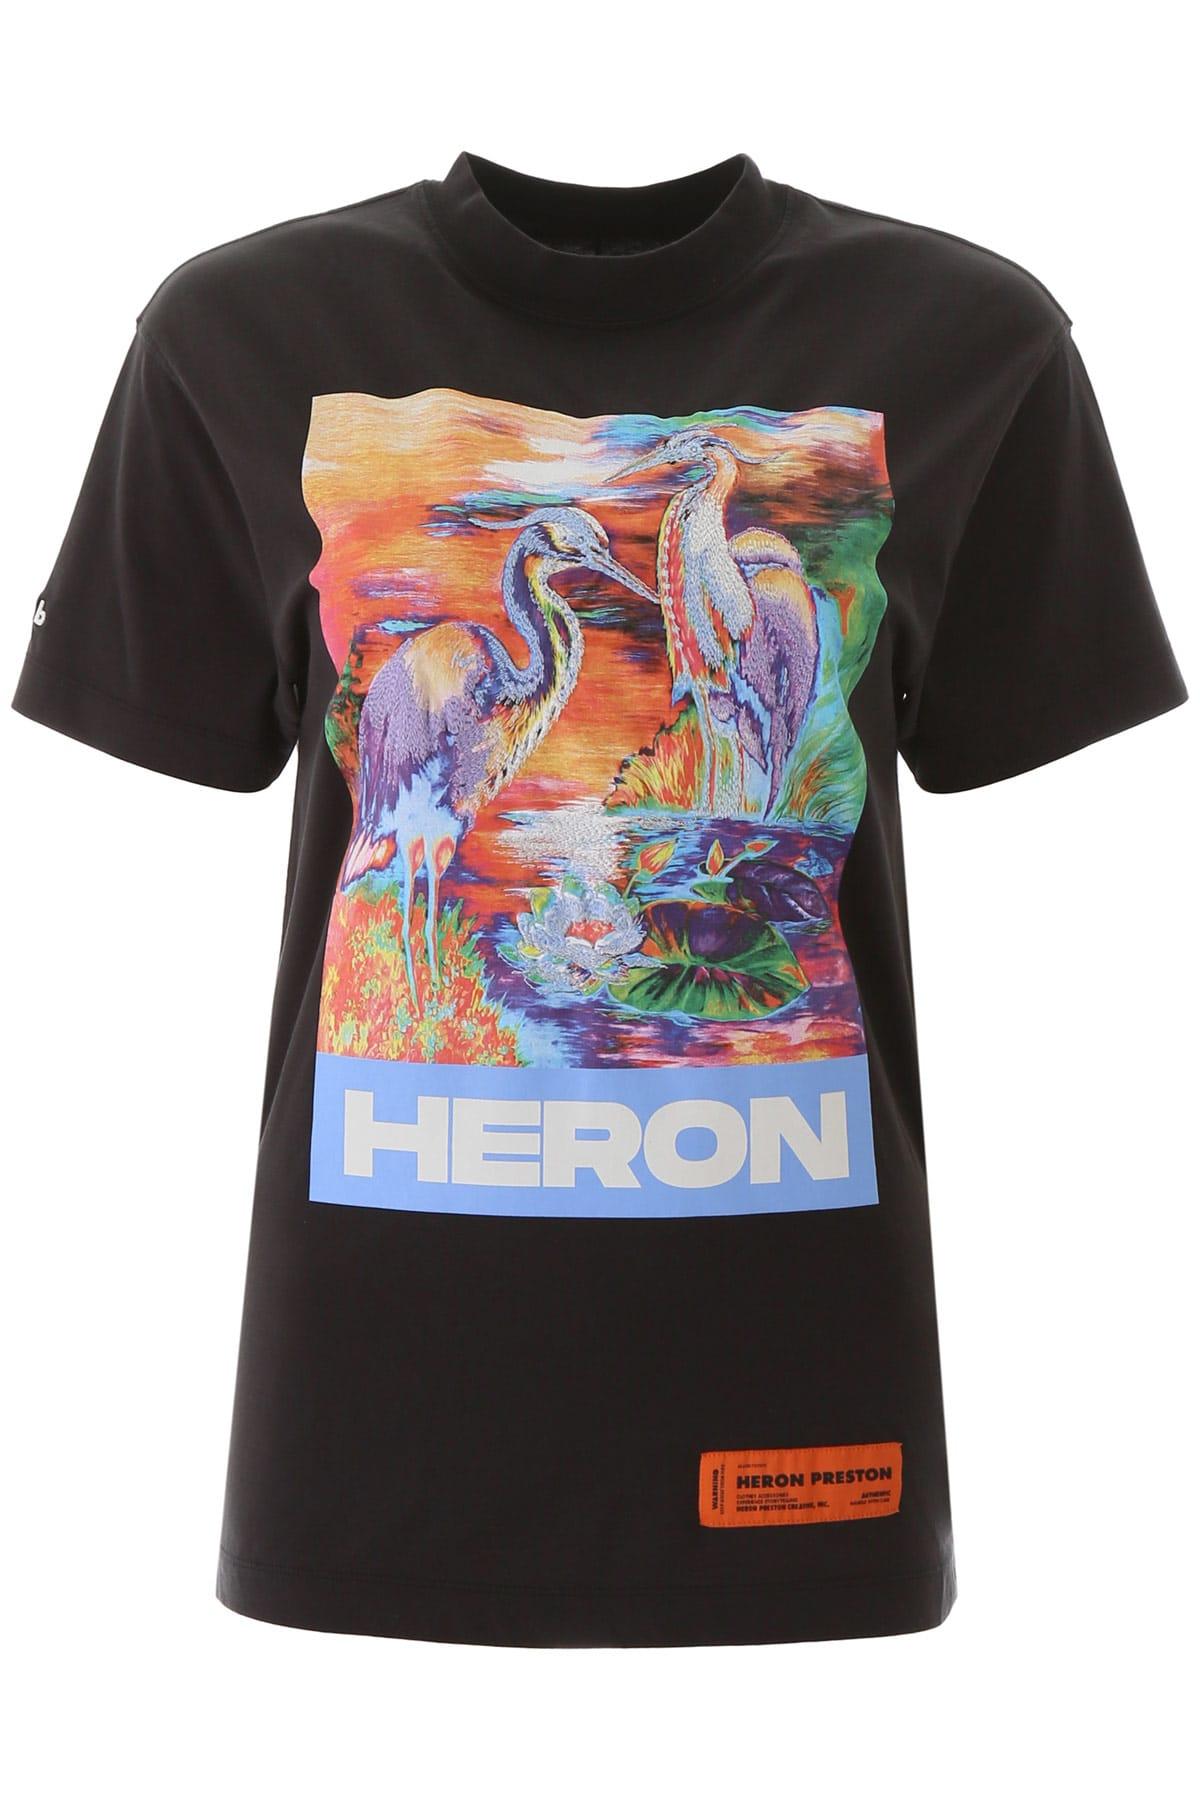 Heron Birds T-shirt